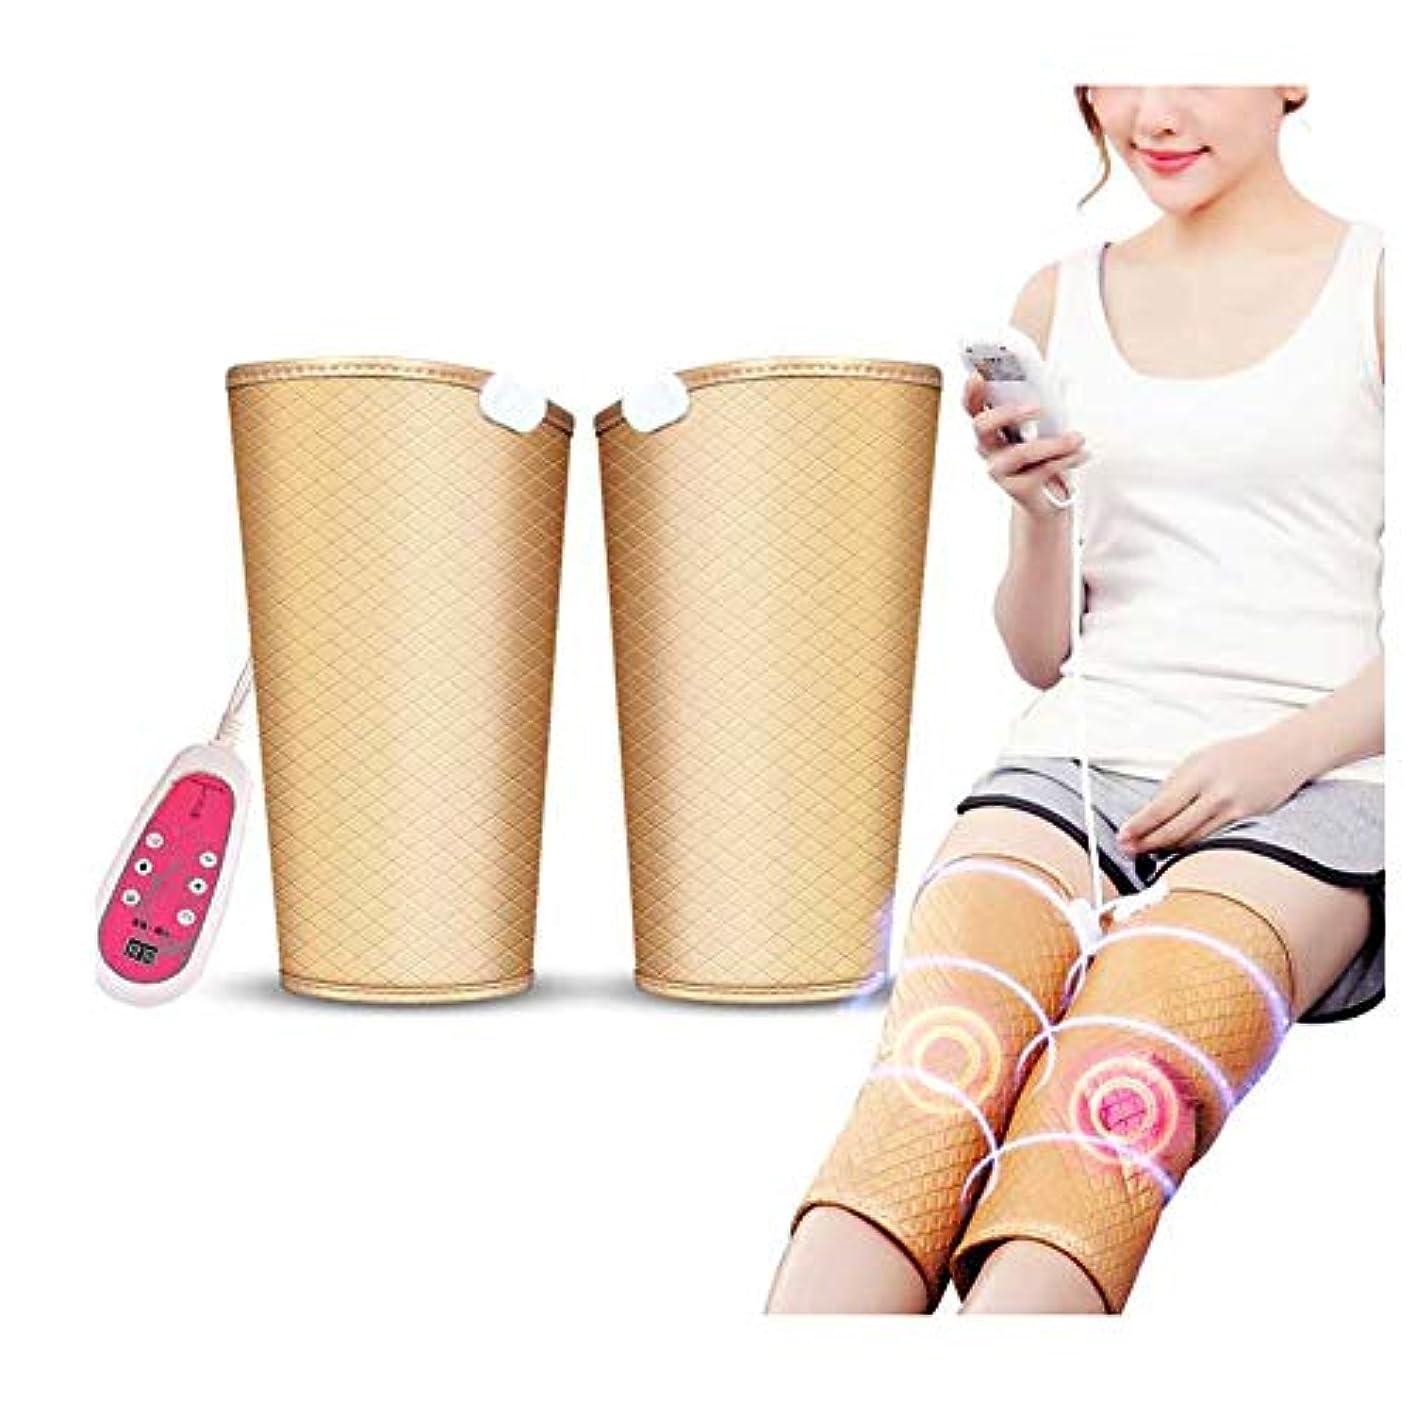 ロゴ頑張る植物の暖房膝サポート9マッサージモードと膝のけがのための5つの速度でラップ膝温めラップパッド療法マッサージャー